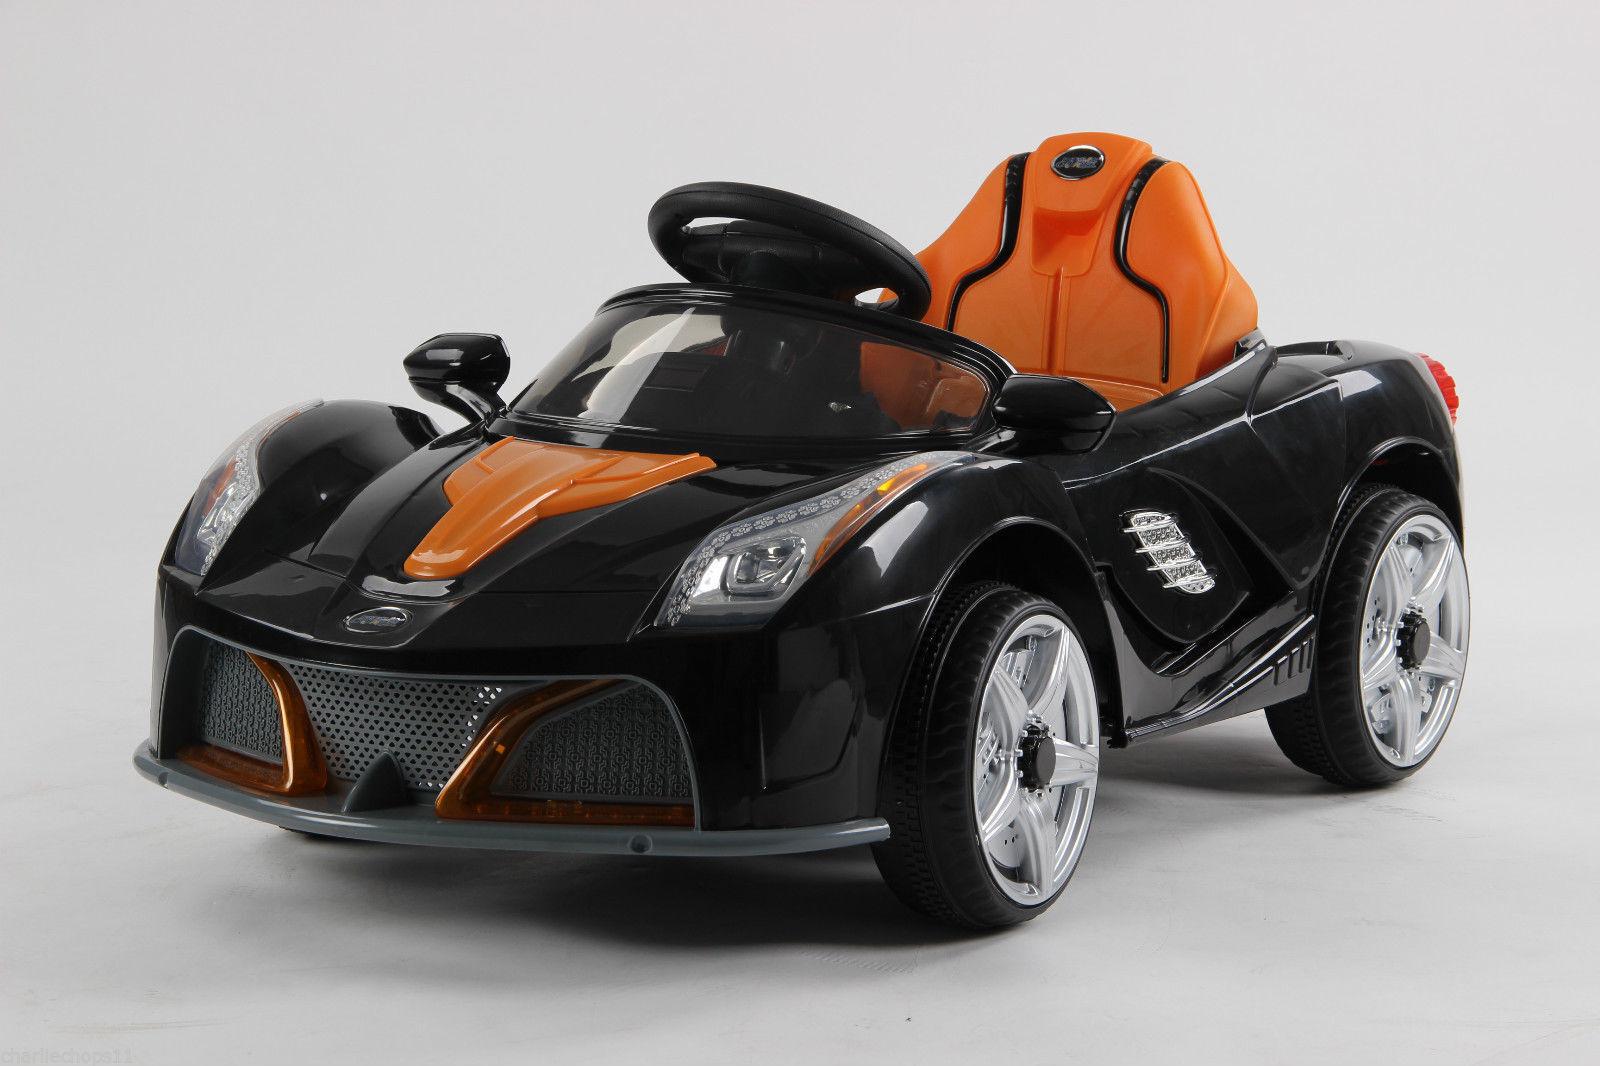 Barn 6v elektrisk Ferrari-stil-åktur på biltur på leksakselektrisk bil 2019-modelll